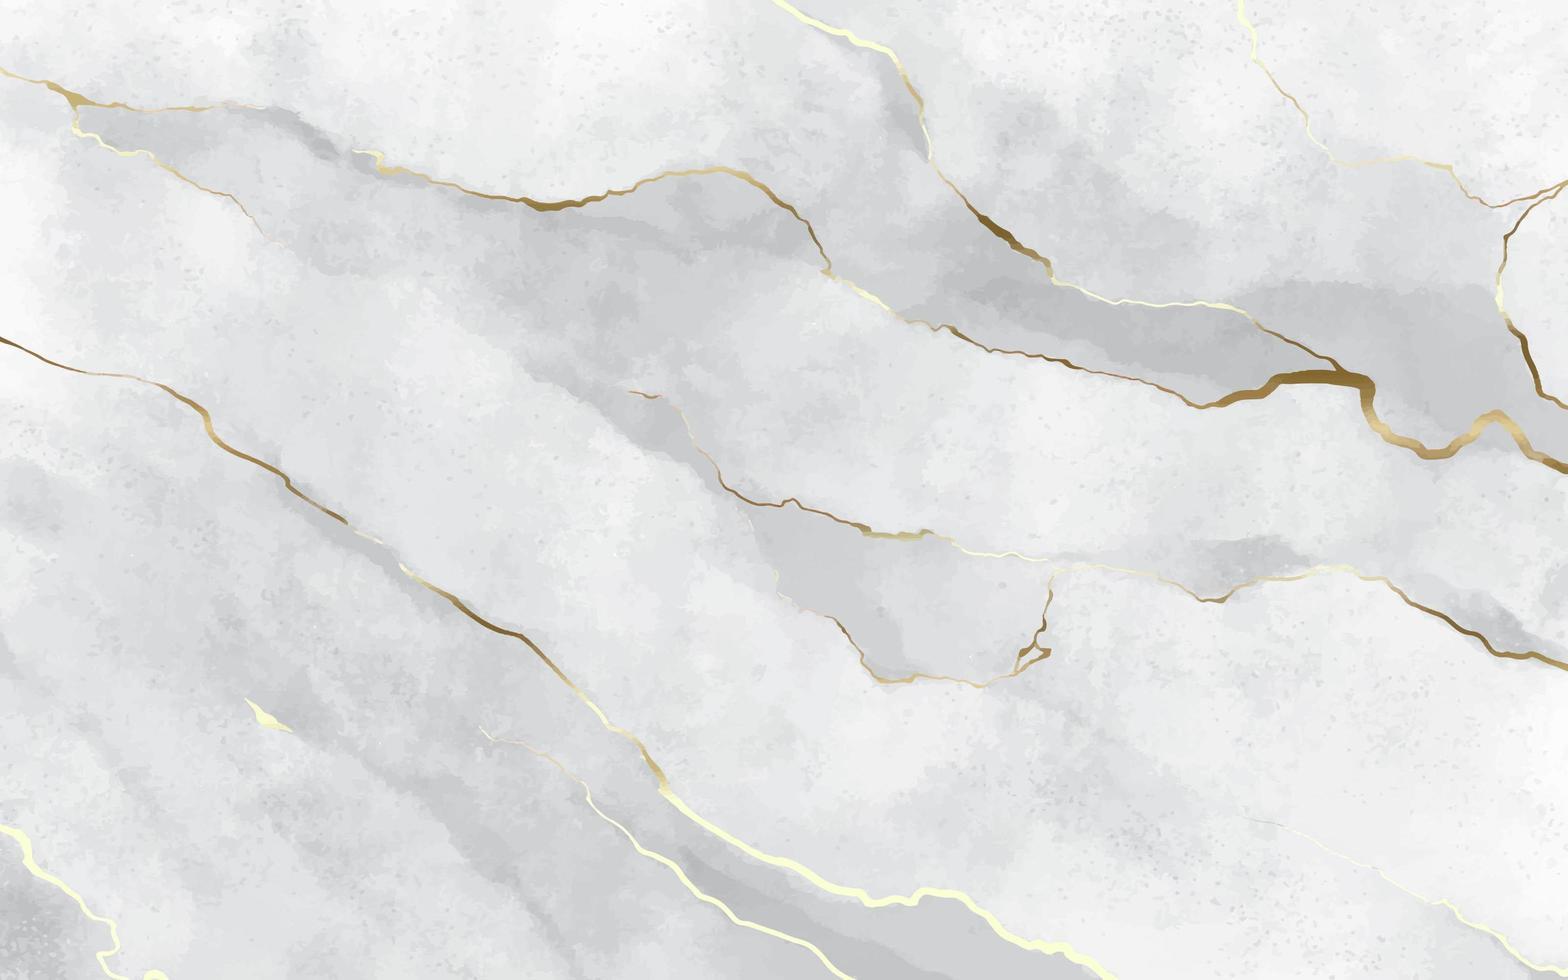 textura de mármore de pedra branca com pinceladas douradas vetor